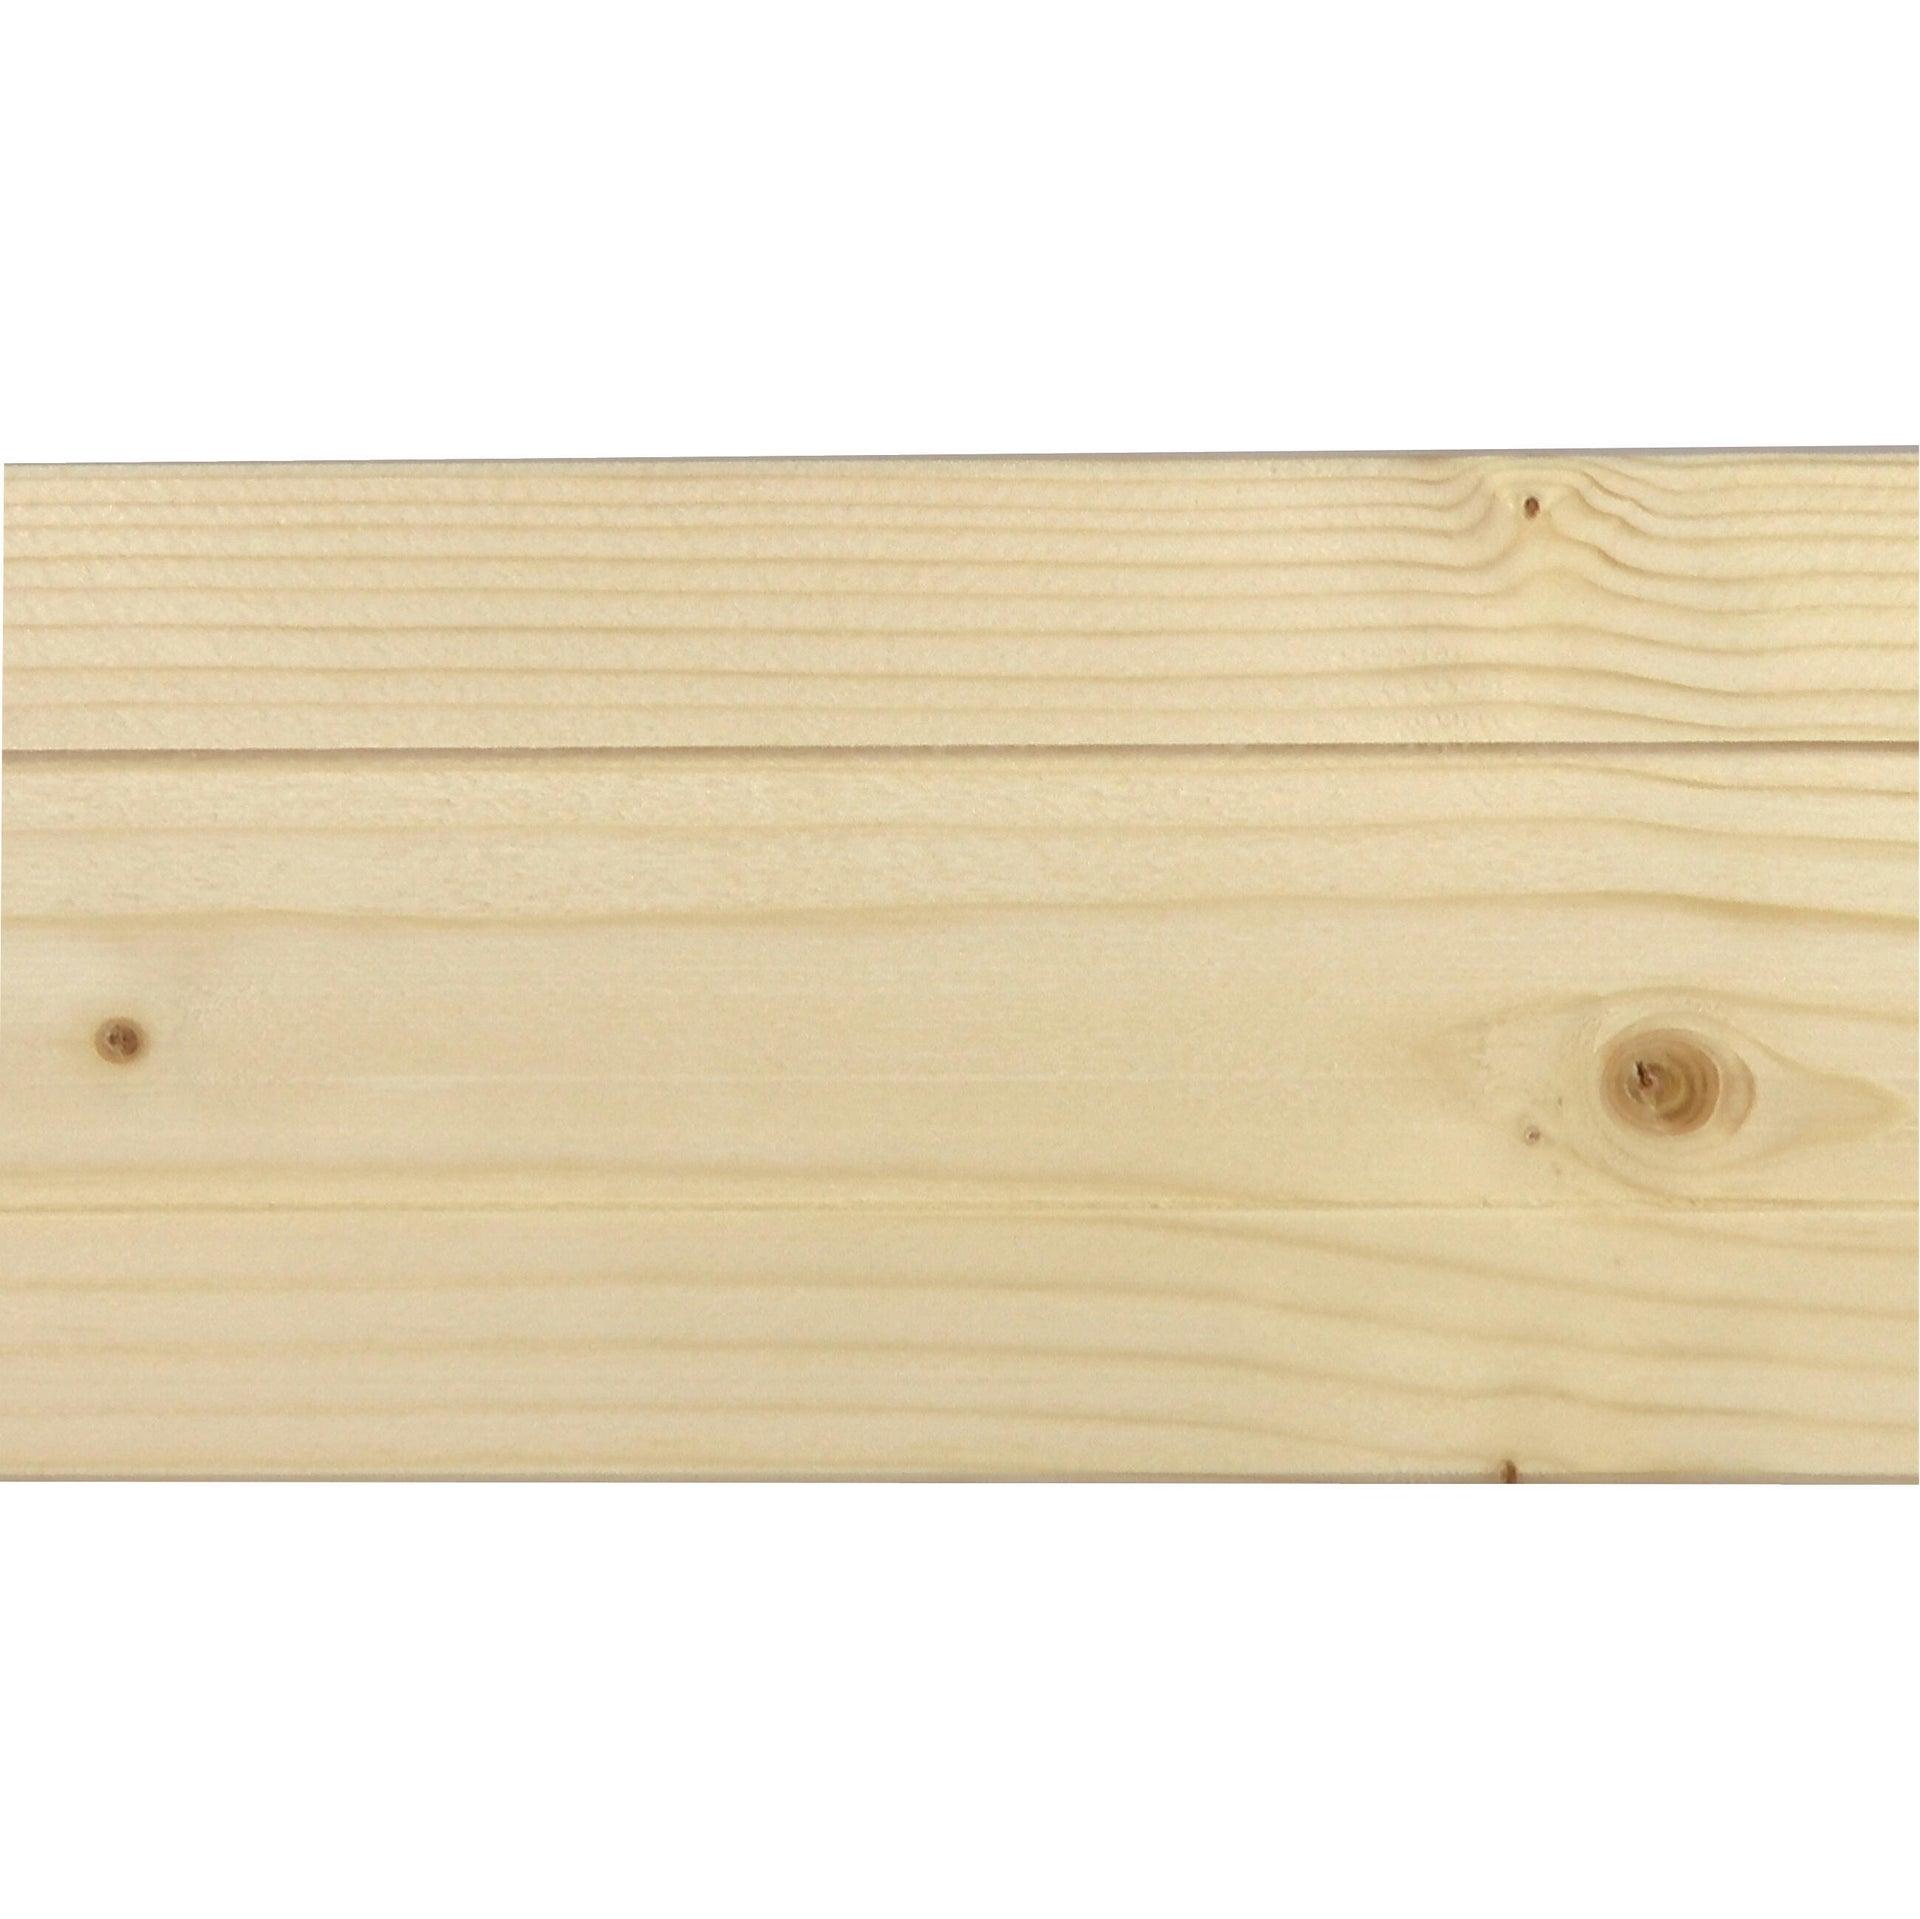 Coprifilo in legno legno massello naturale L 2250 x P 10 x H 80 mm - 5